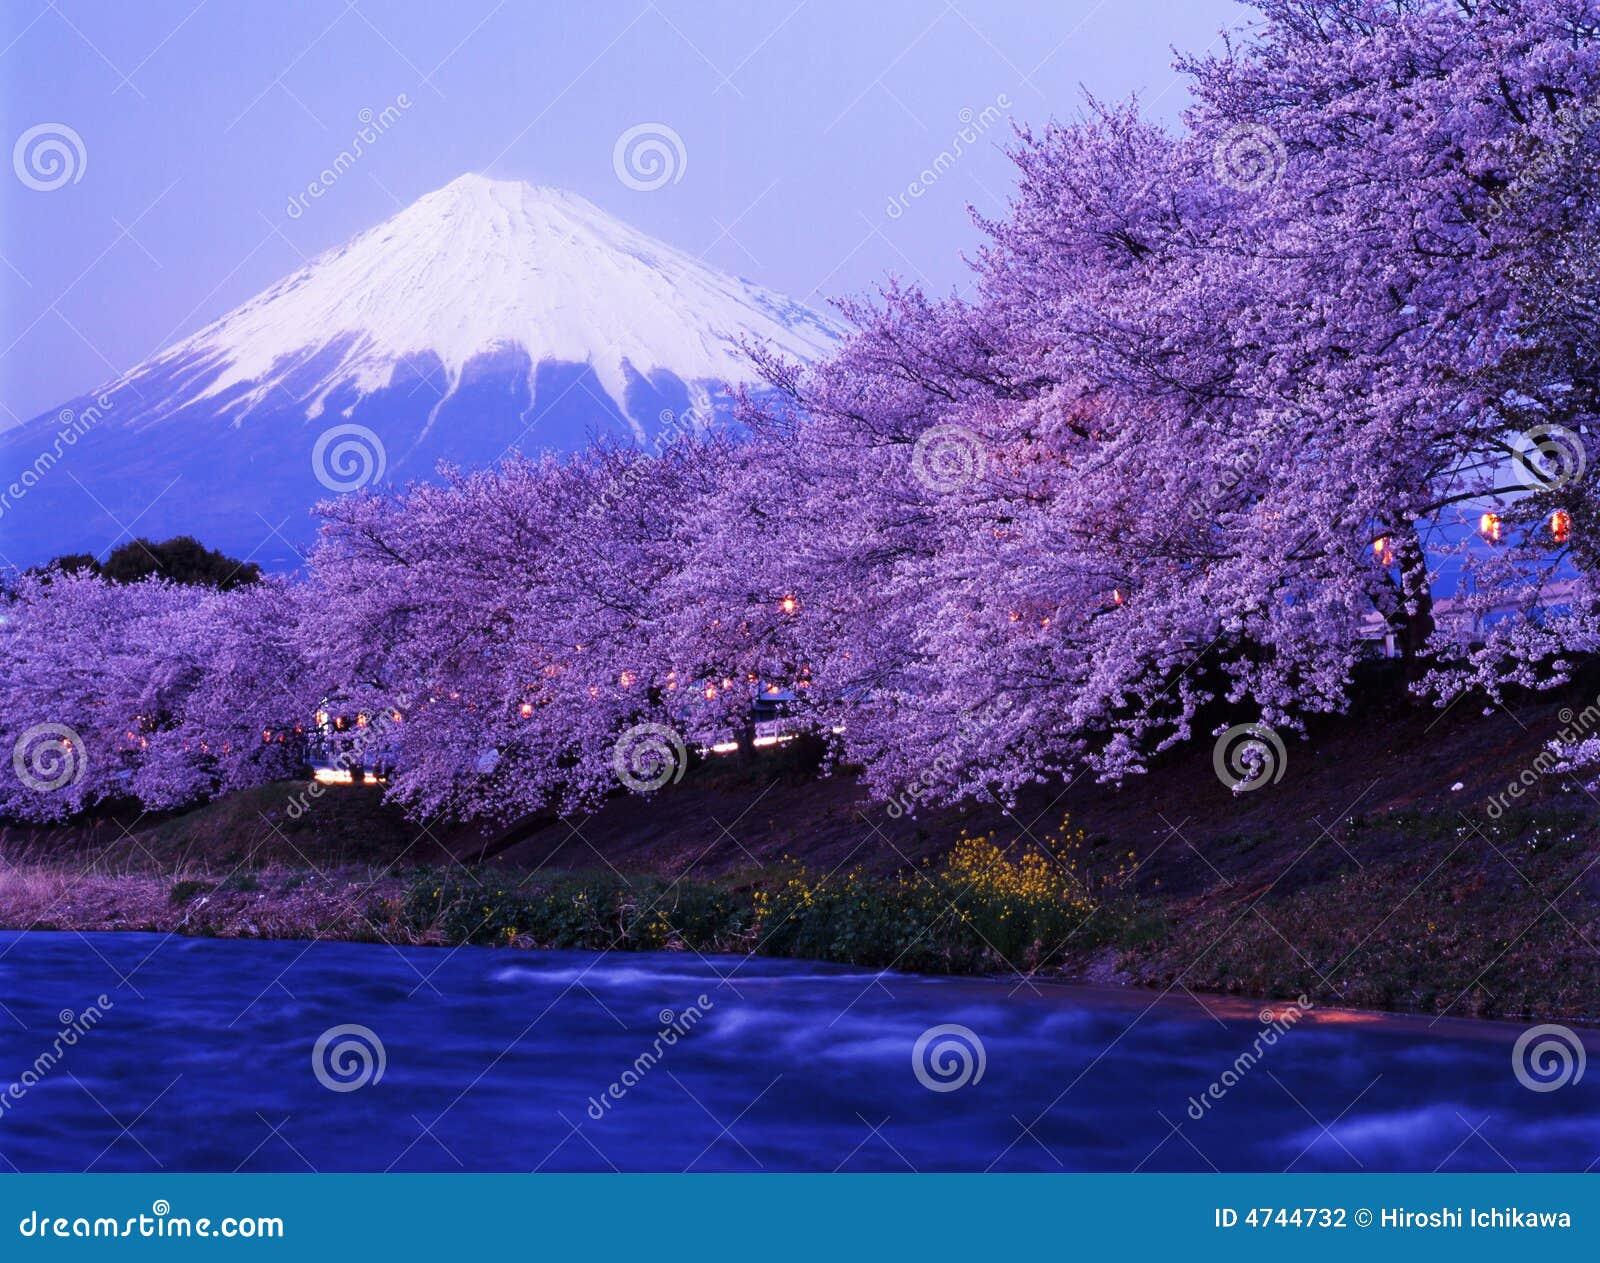 Fuji 233 mt